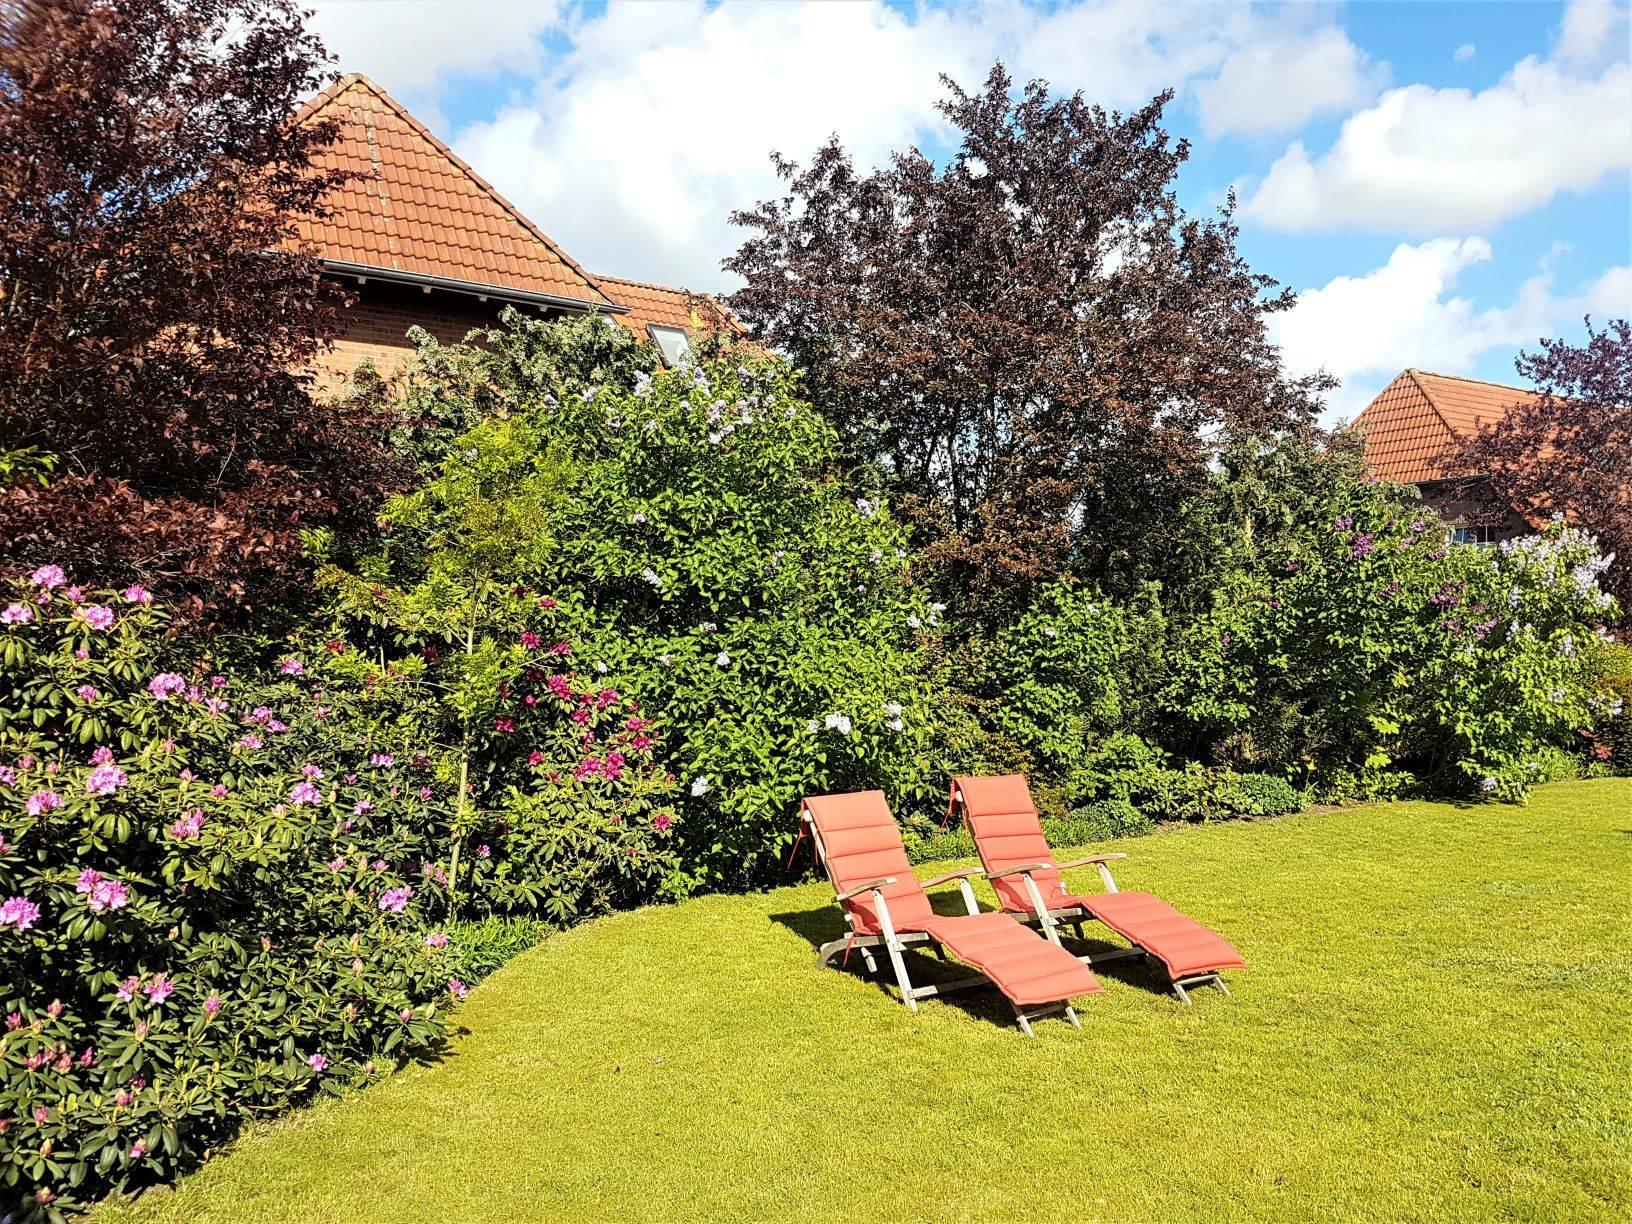 der große Garten mit Terrasse